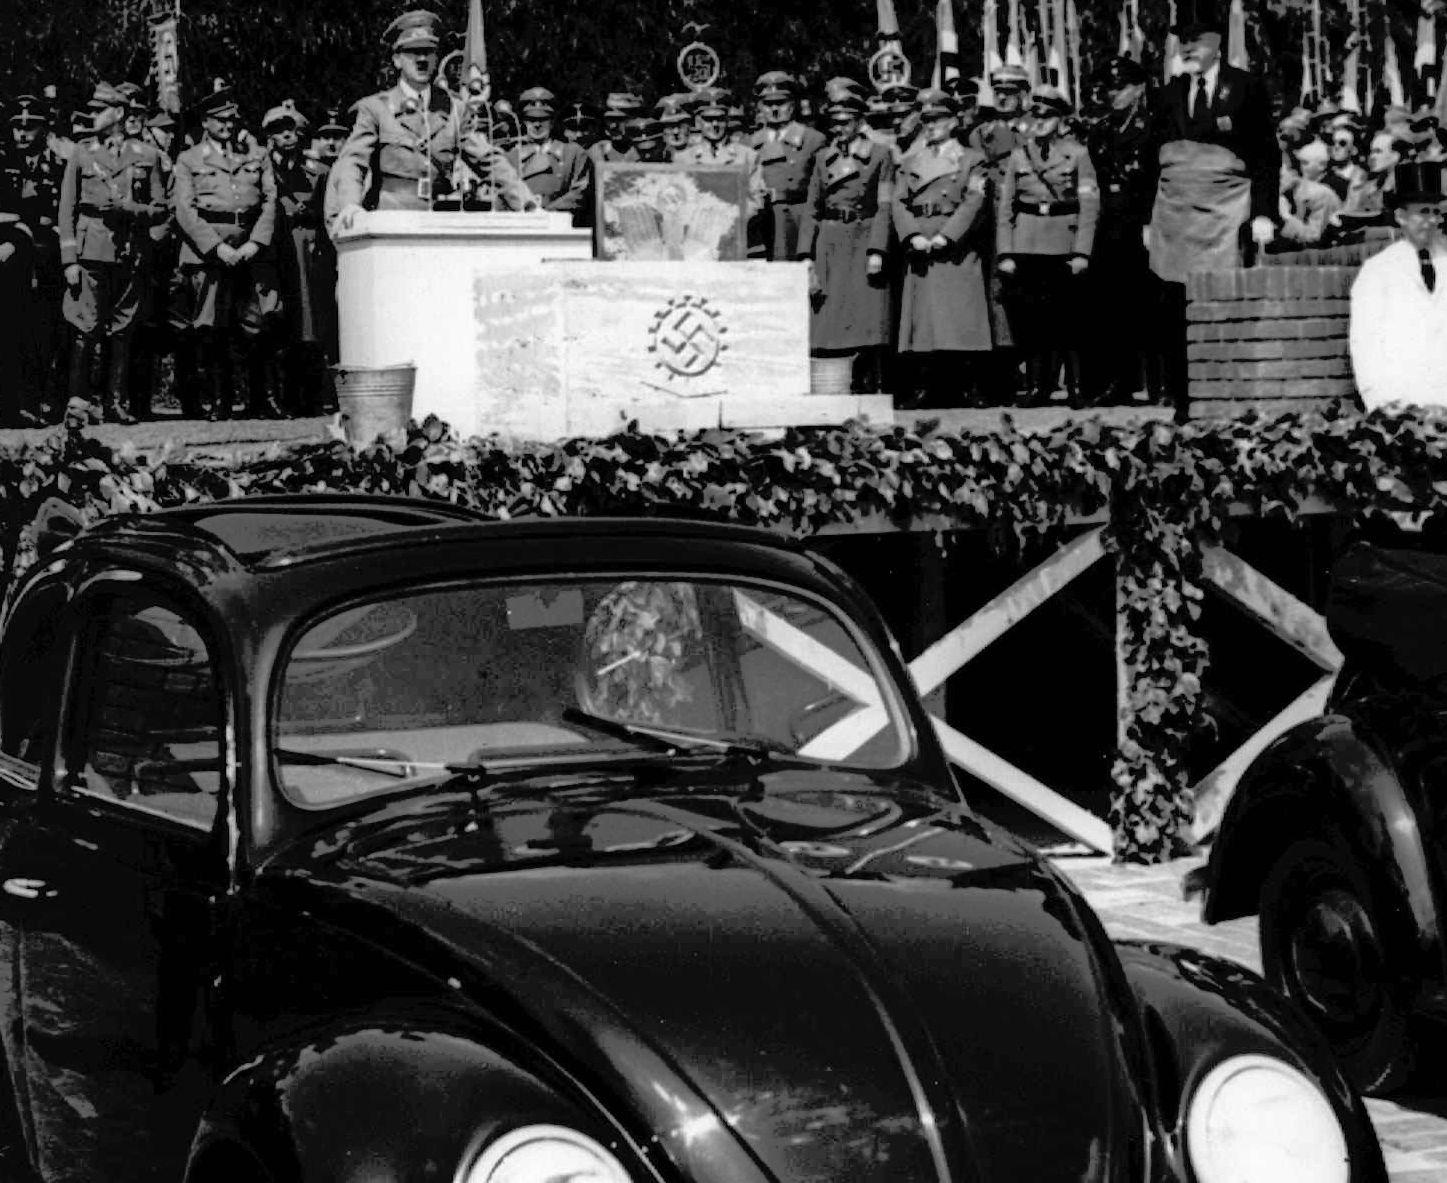 TVILSOM START: Folkevognen kom til etter bestilling fra Adolf Hitler.